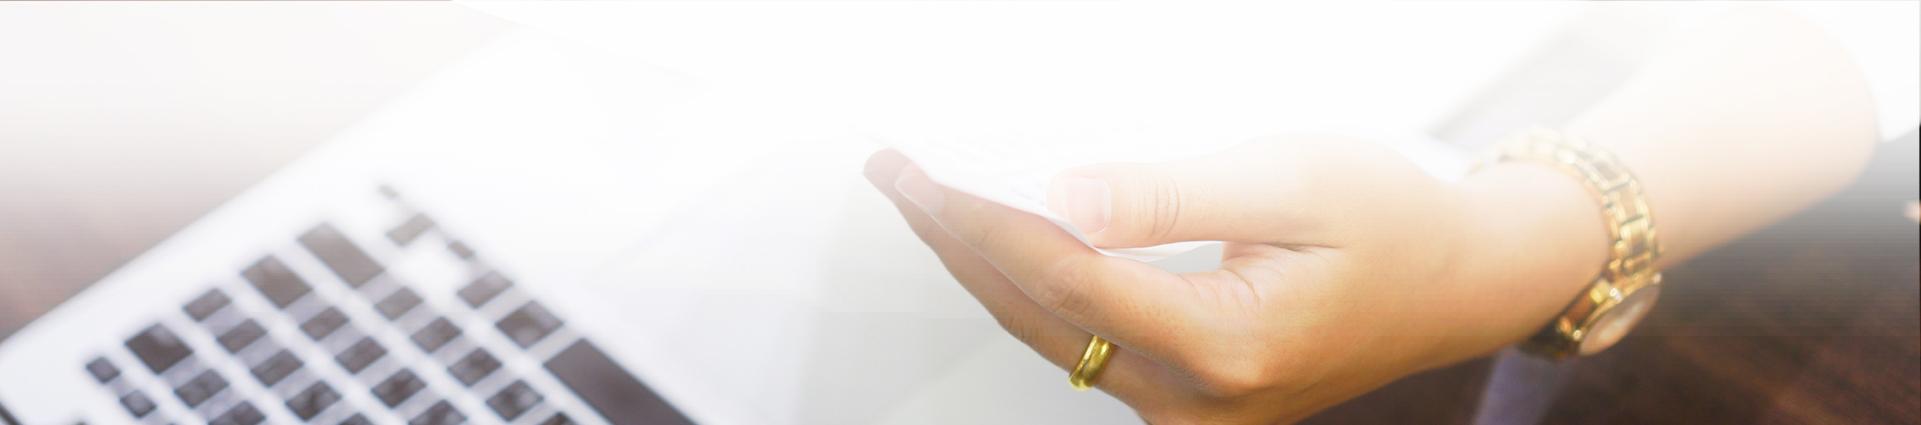 ręka z zegarkiem